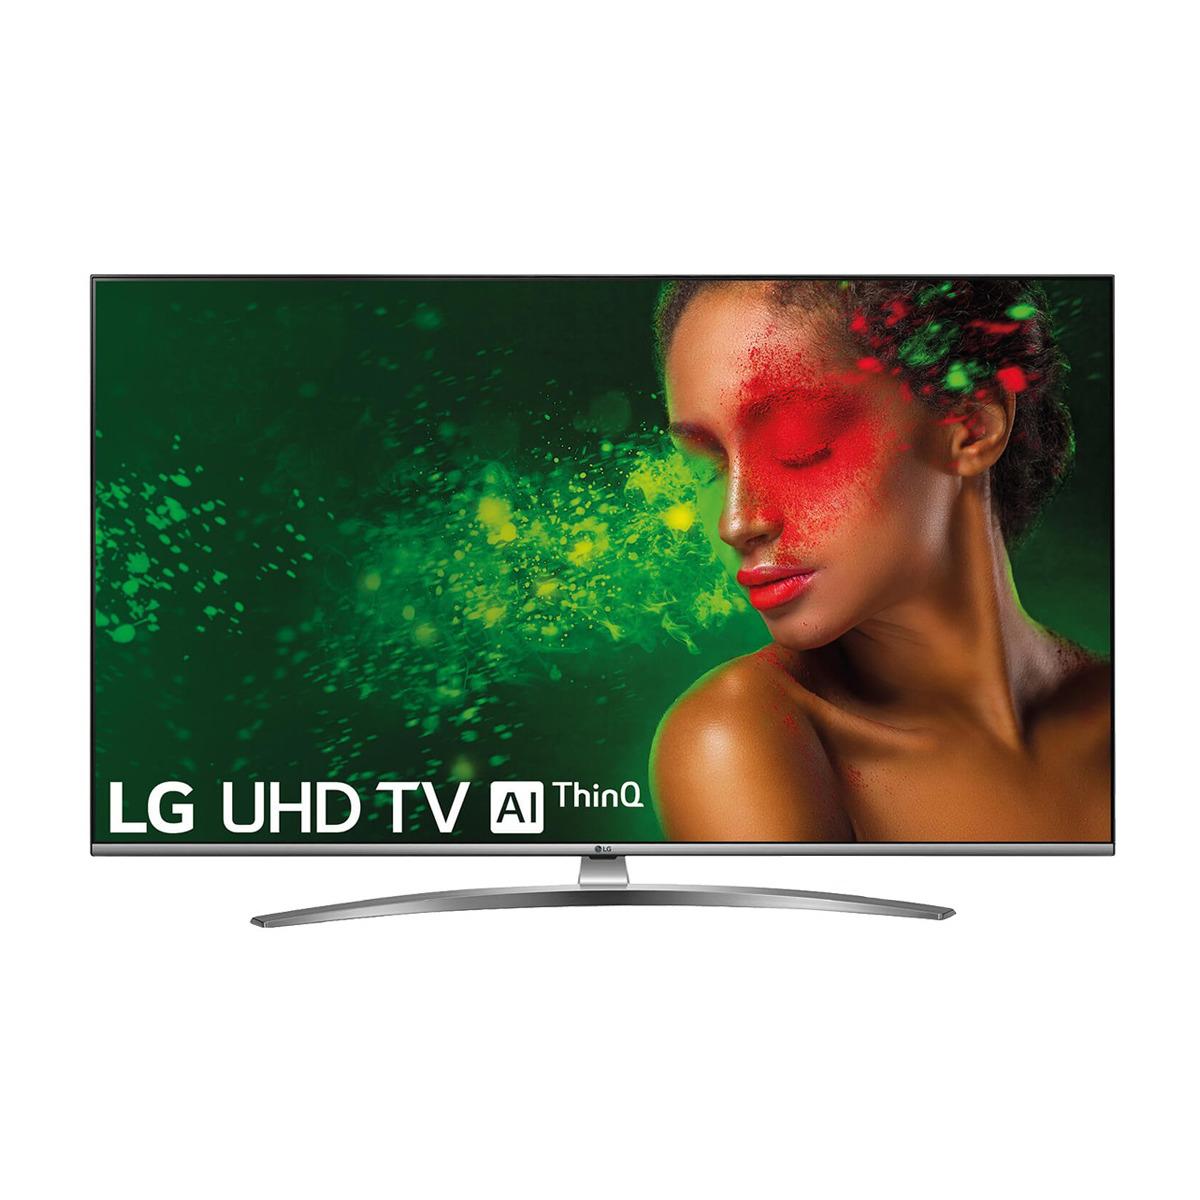 """TV LED 189 cm (75"""") LG 75UM7600 4K HDR Smart TV con Inteligencia Artificial (IA)"""